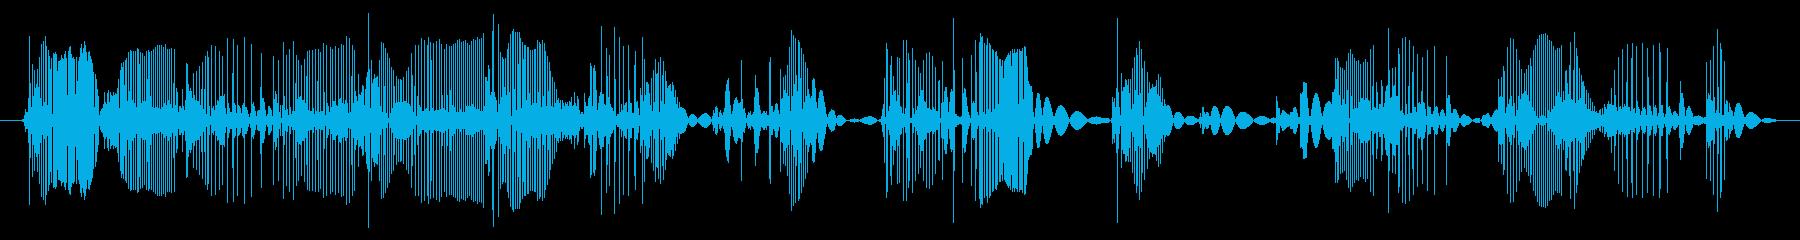 ビニールレコードターンテーブルプレ...の再生済みの波形